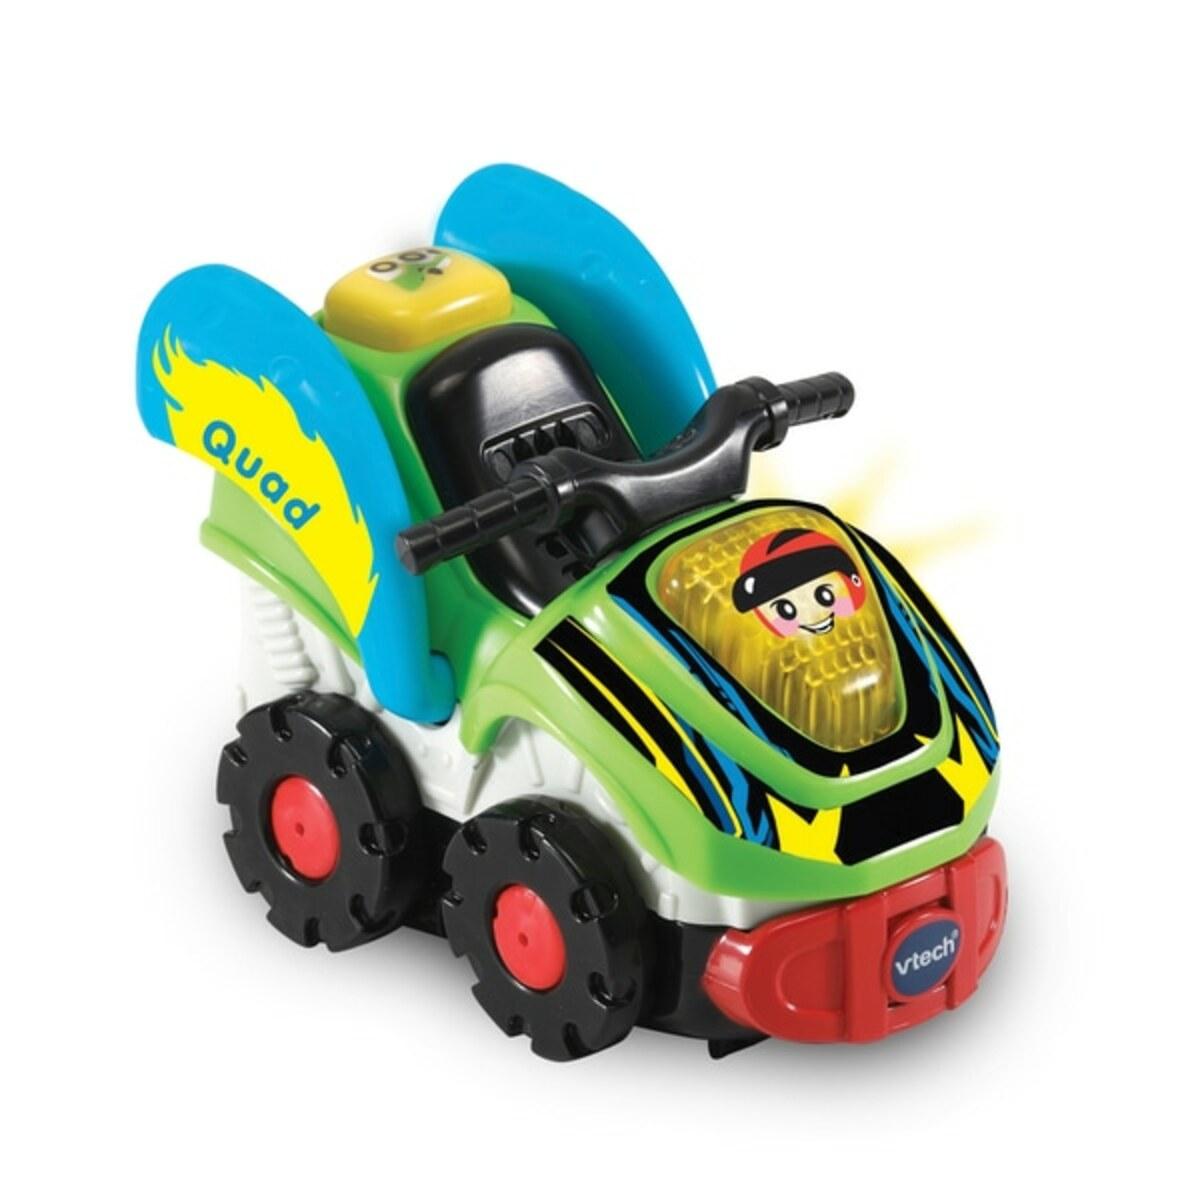 Bild 1 von VTech - Tut Tut Baby Flitzer: Quad